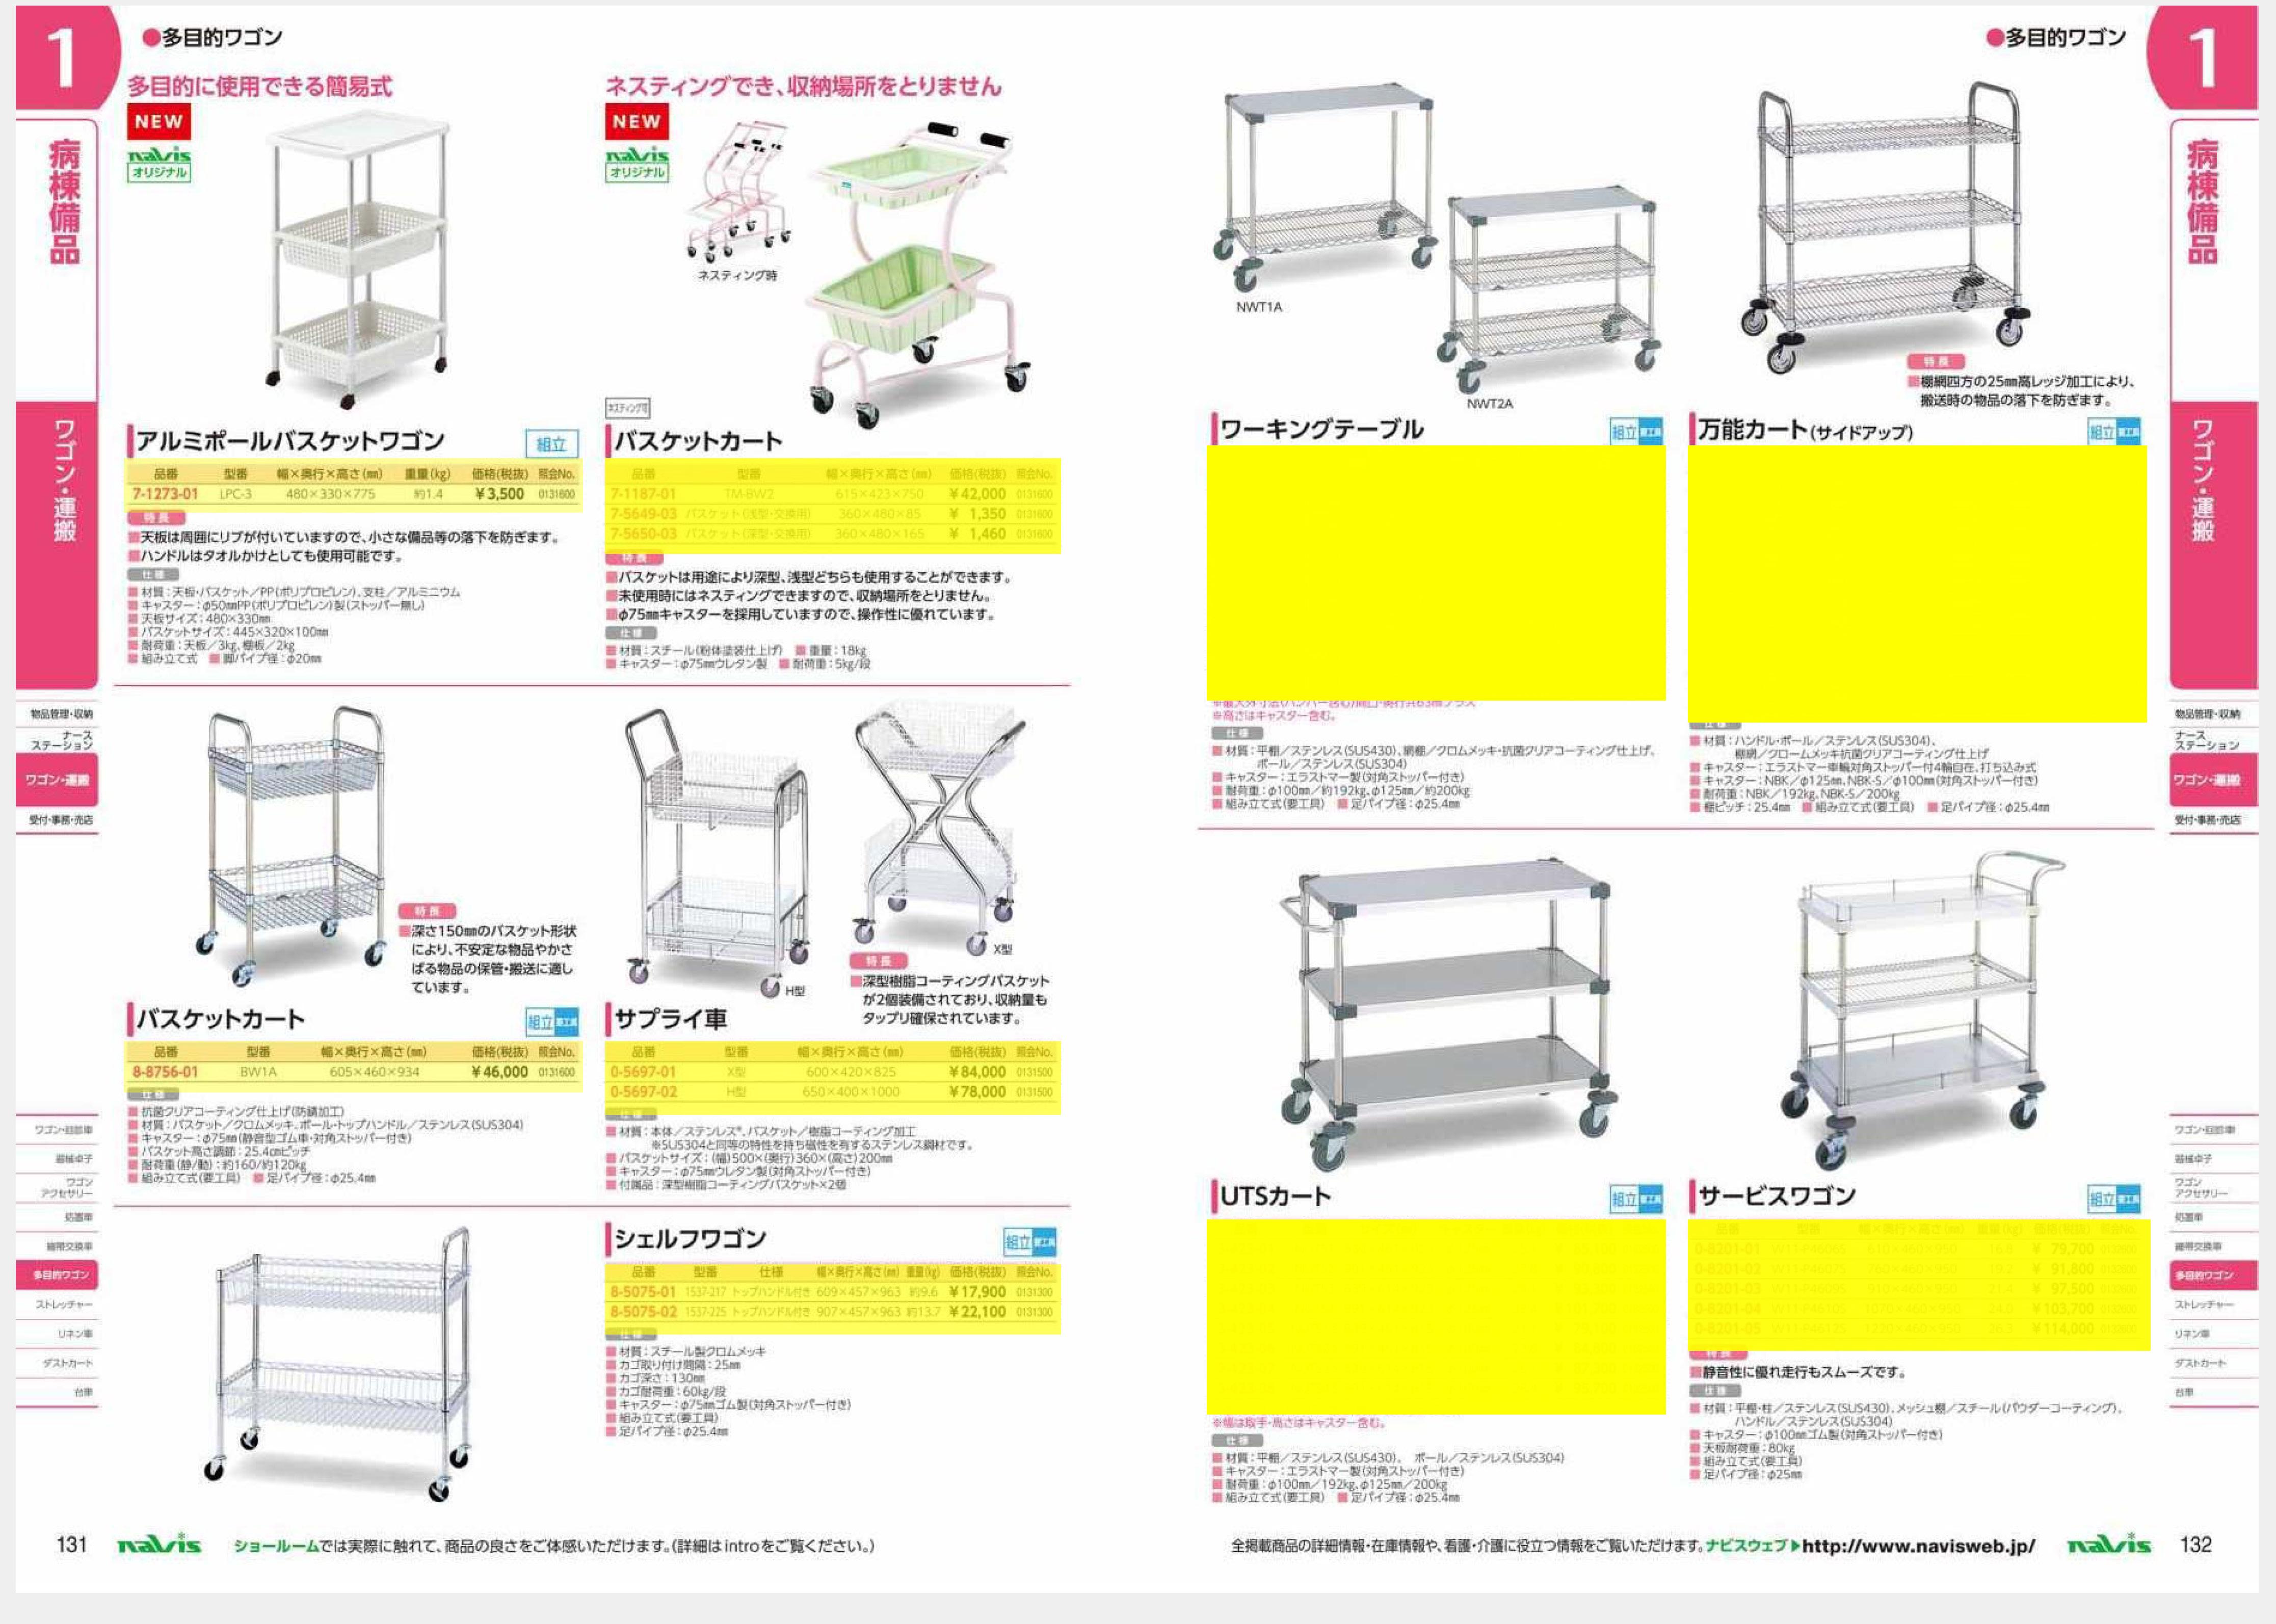 ナビス50000 3-417-10 ワーキングテーブル1型 1213×614×815mm φ100[組](as1-3-417-10)